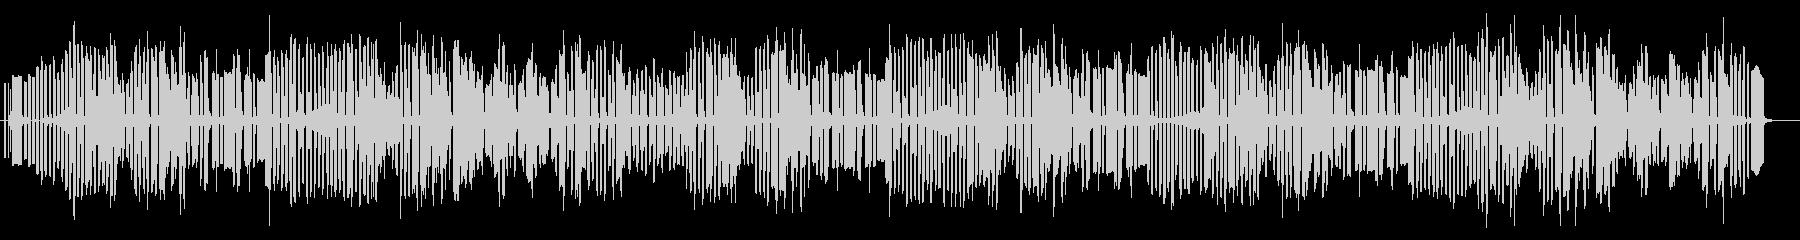 3分クッキングのテーマをイメージした曲の未再生の波形